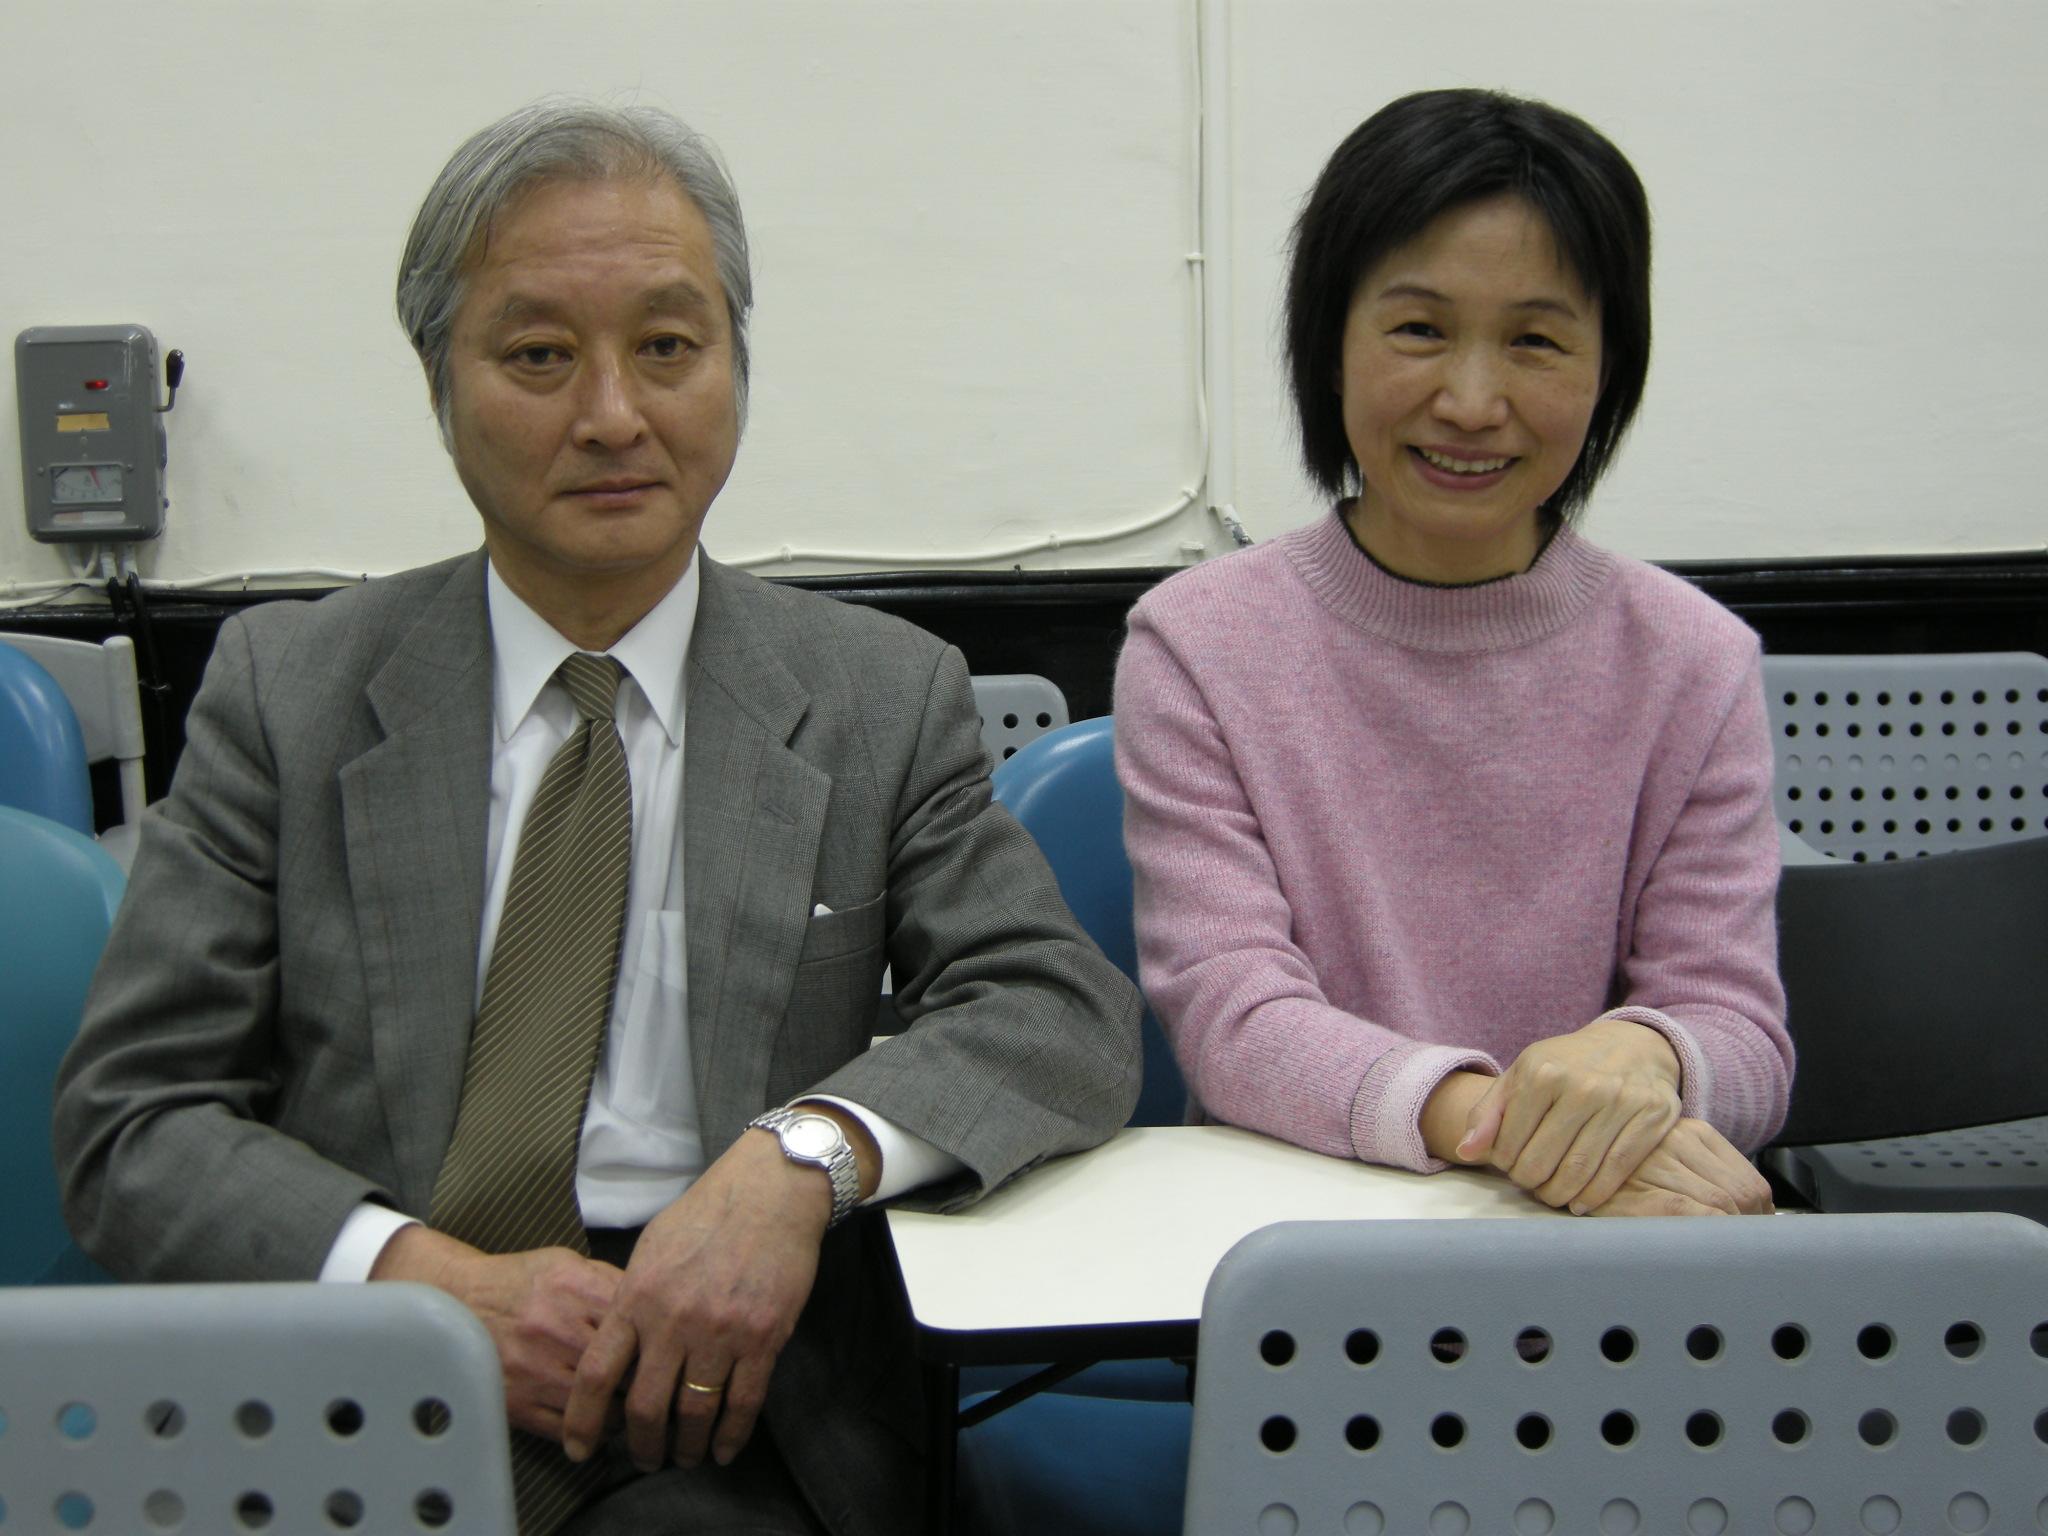 DSCN5881.JPG